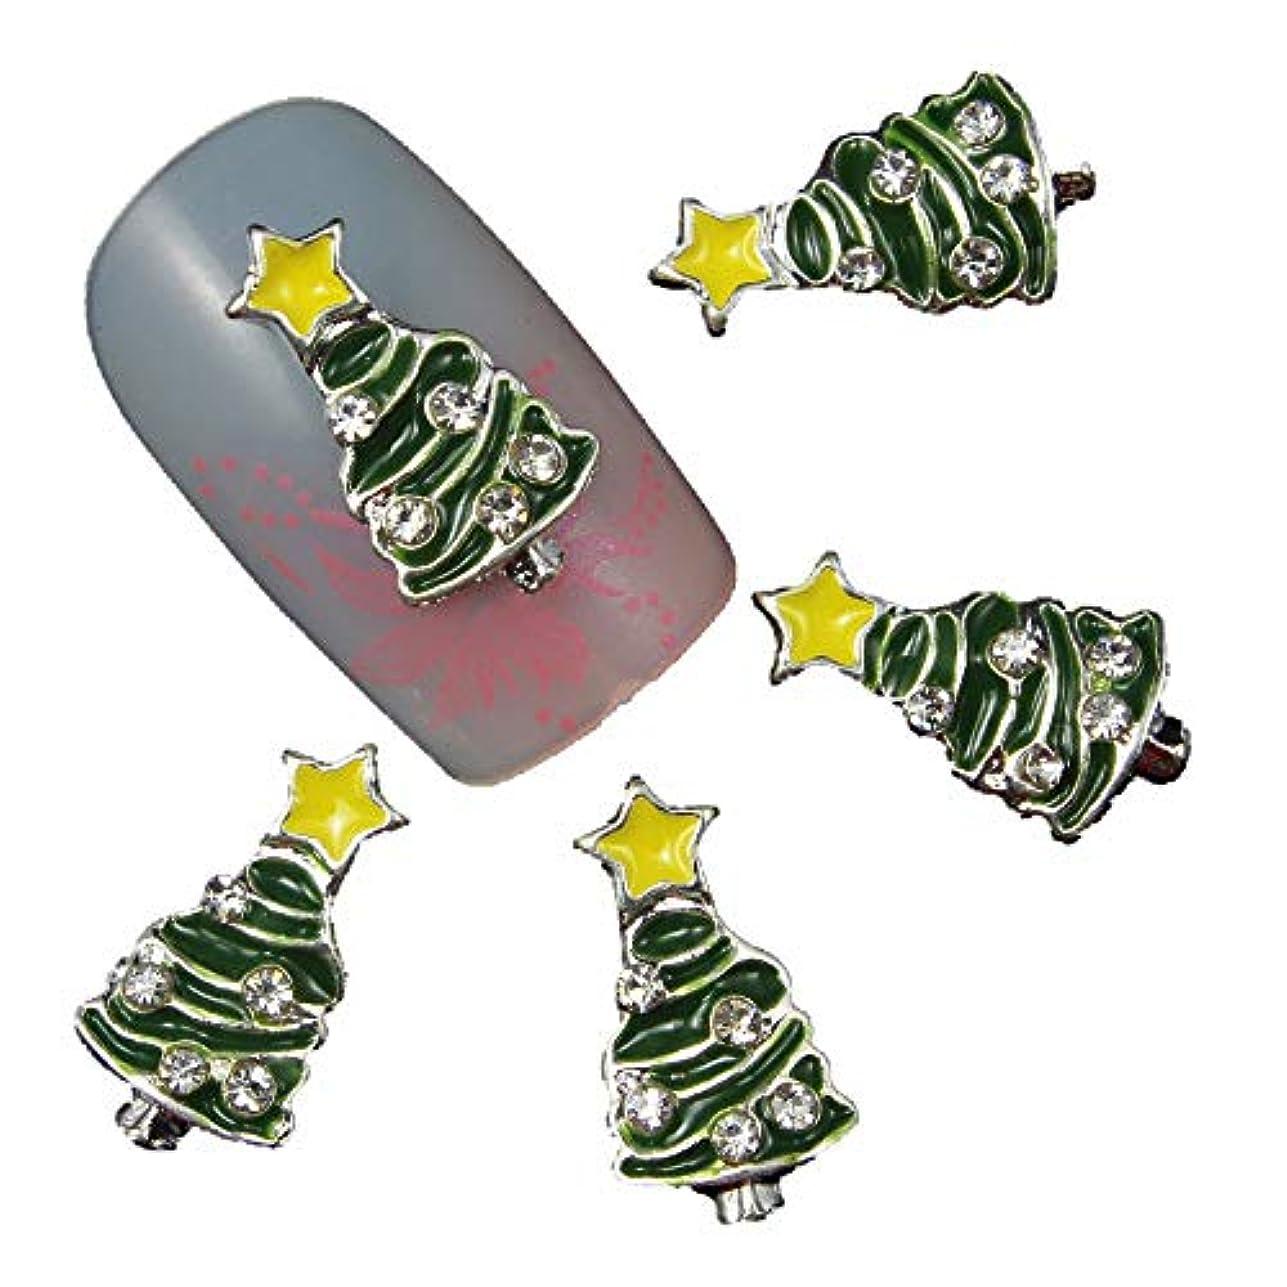 10個/ロット3Dクリスマスツリーのネイルアートマジックカラーデザインのスタッドは、美容ネイルチャームラインストーン用品